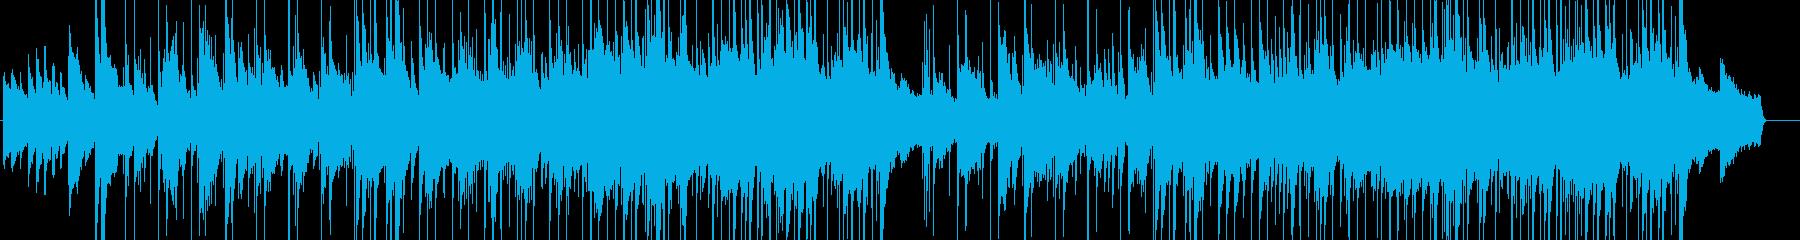 ブライダルにぴったりの穏やかで感動的な曲の再生済みの波形